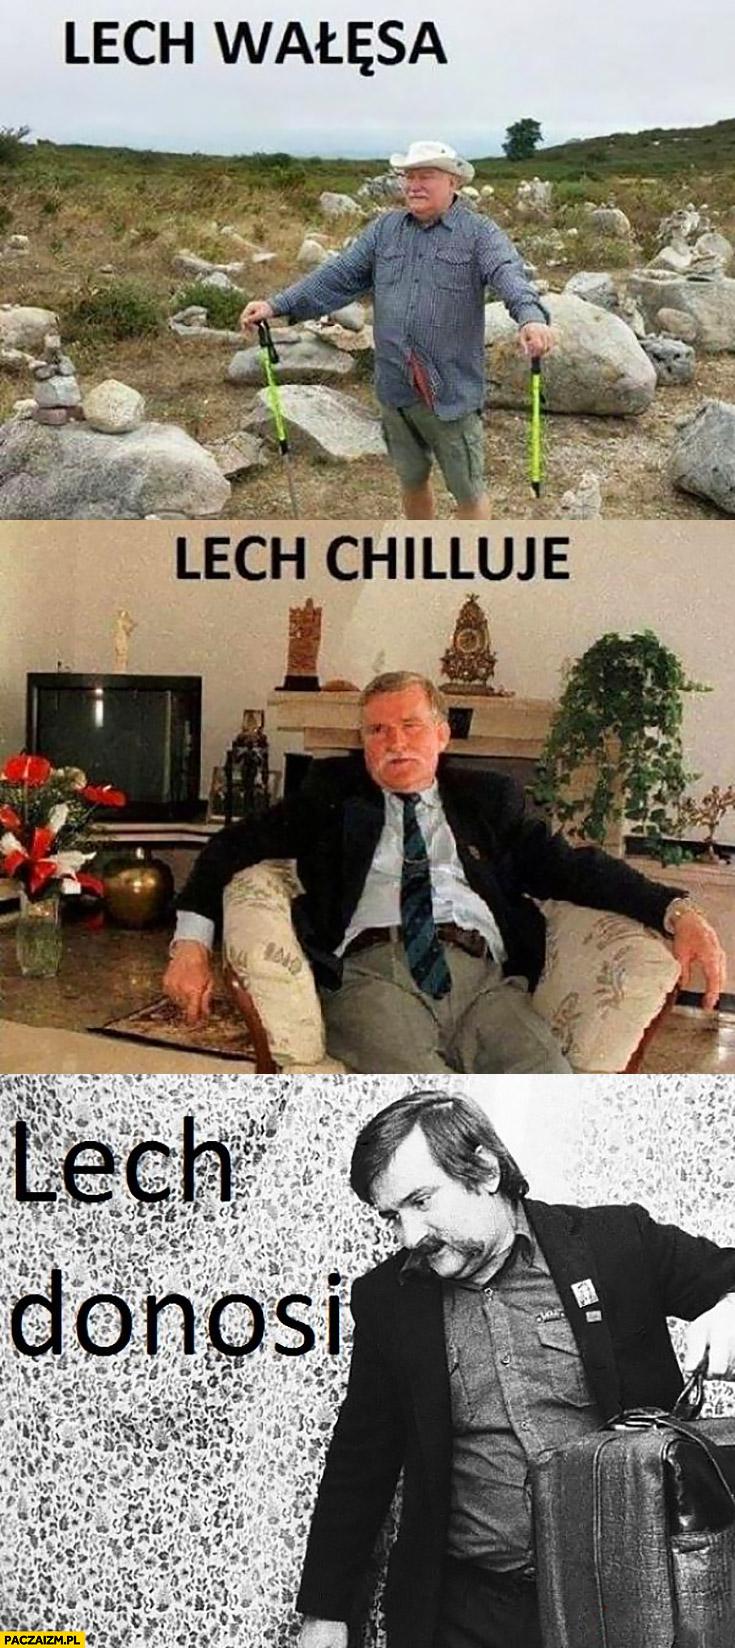 Lech Wałęsa, Lech chilluje, Lech donosi